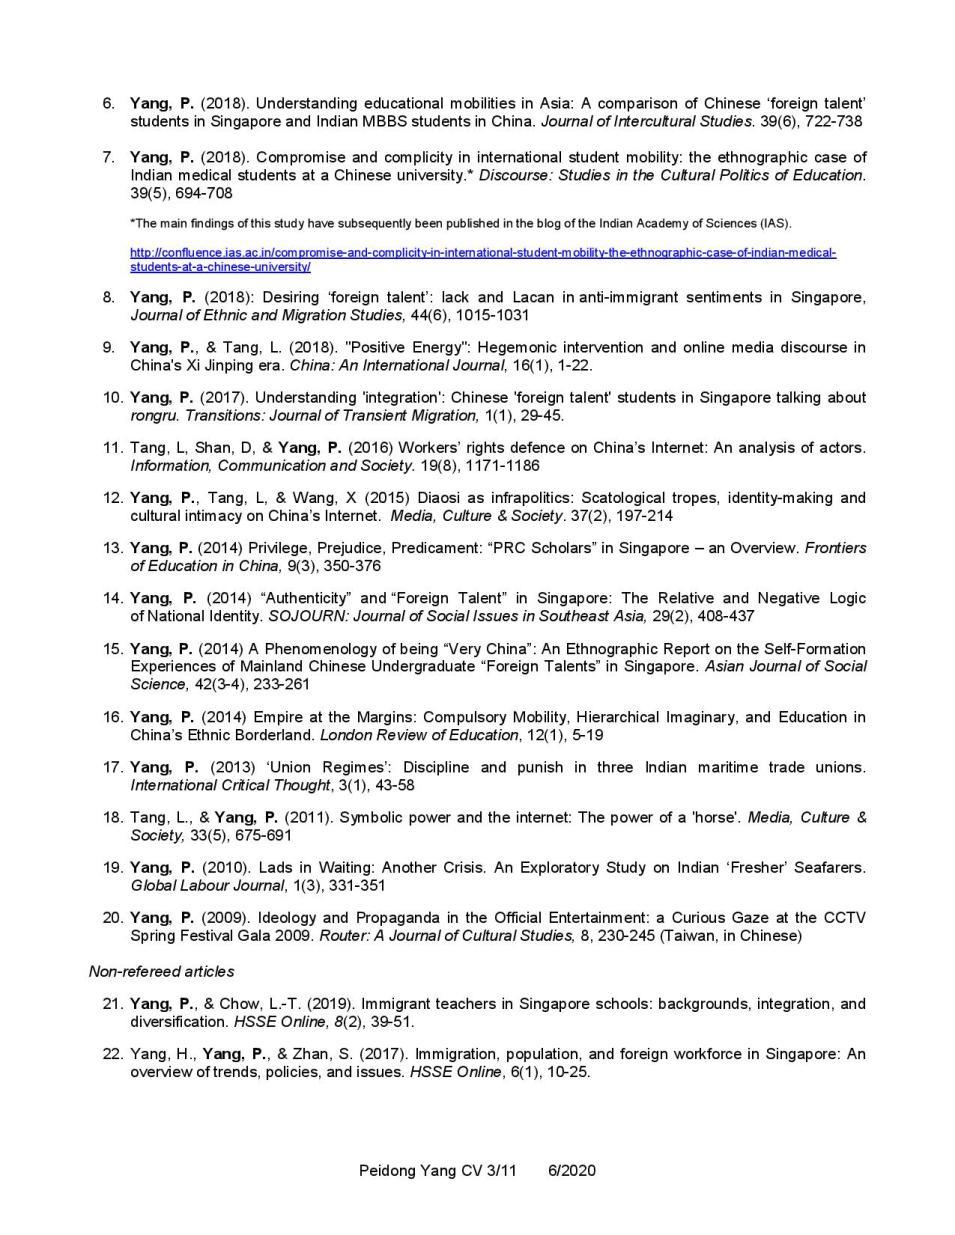 CV YANG Peidong_6.2020-page-003